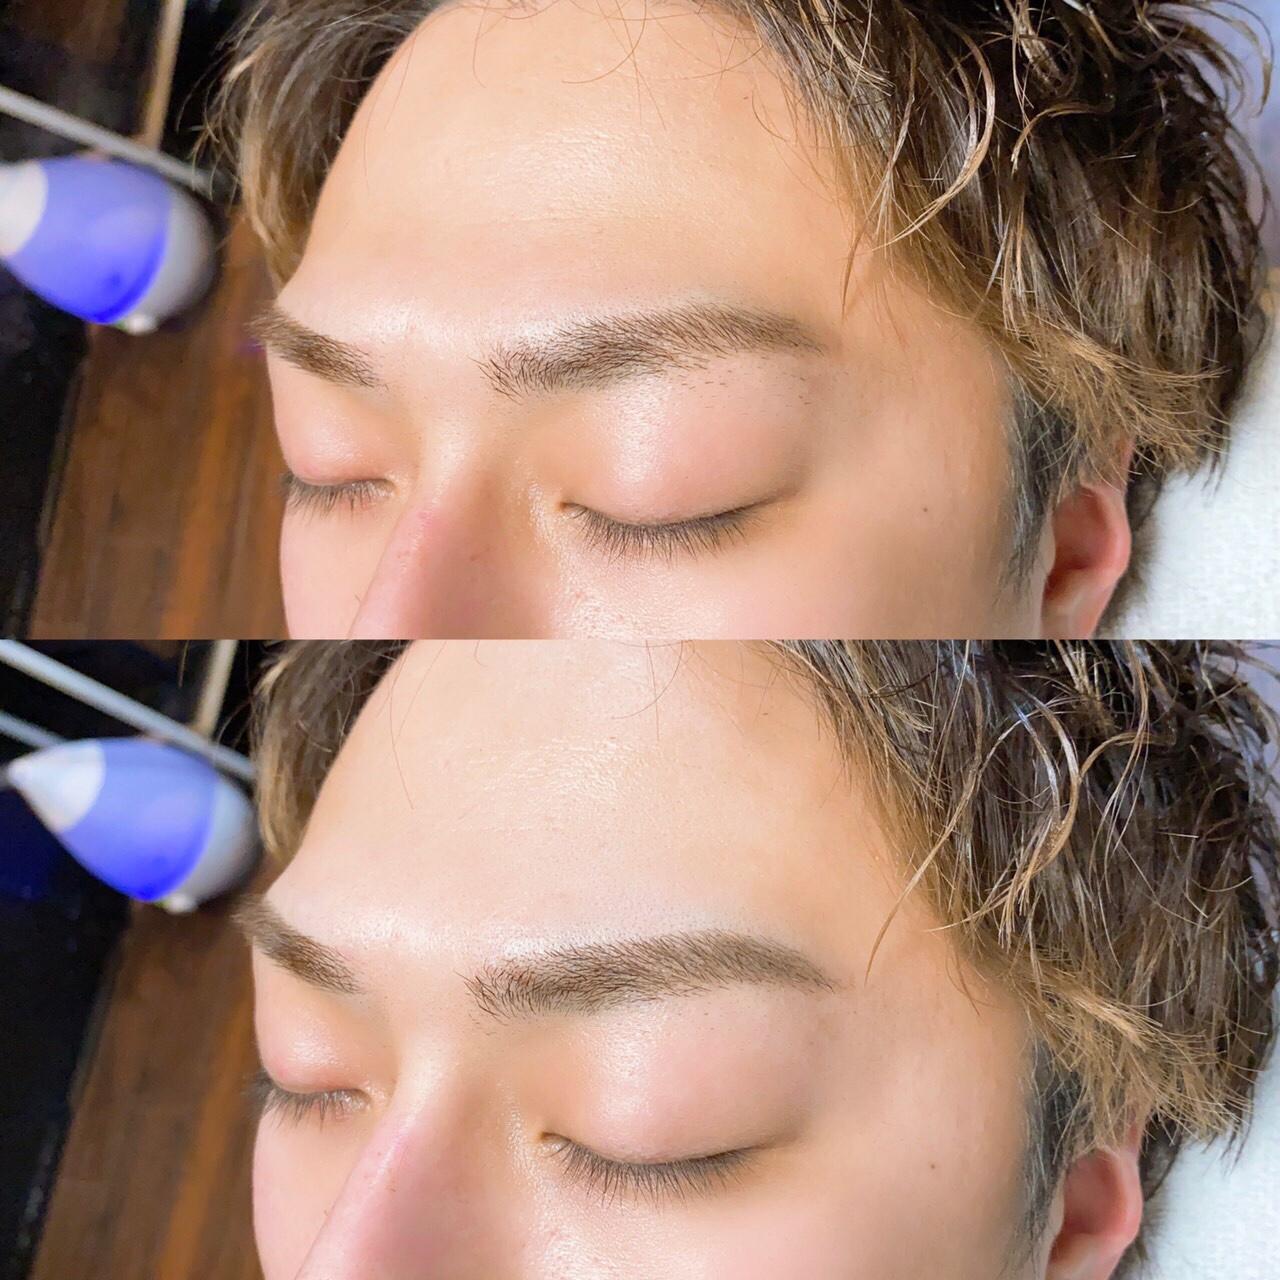 男子 眉毛 整え 方